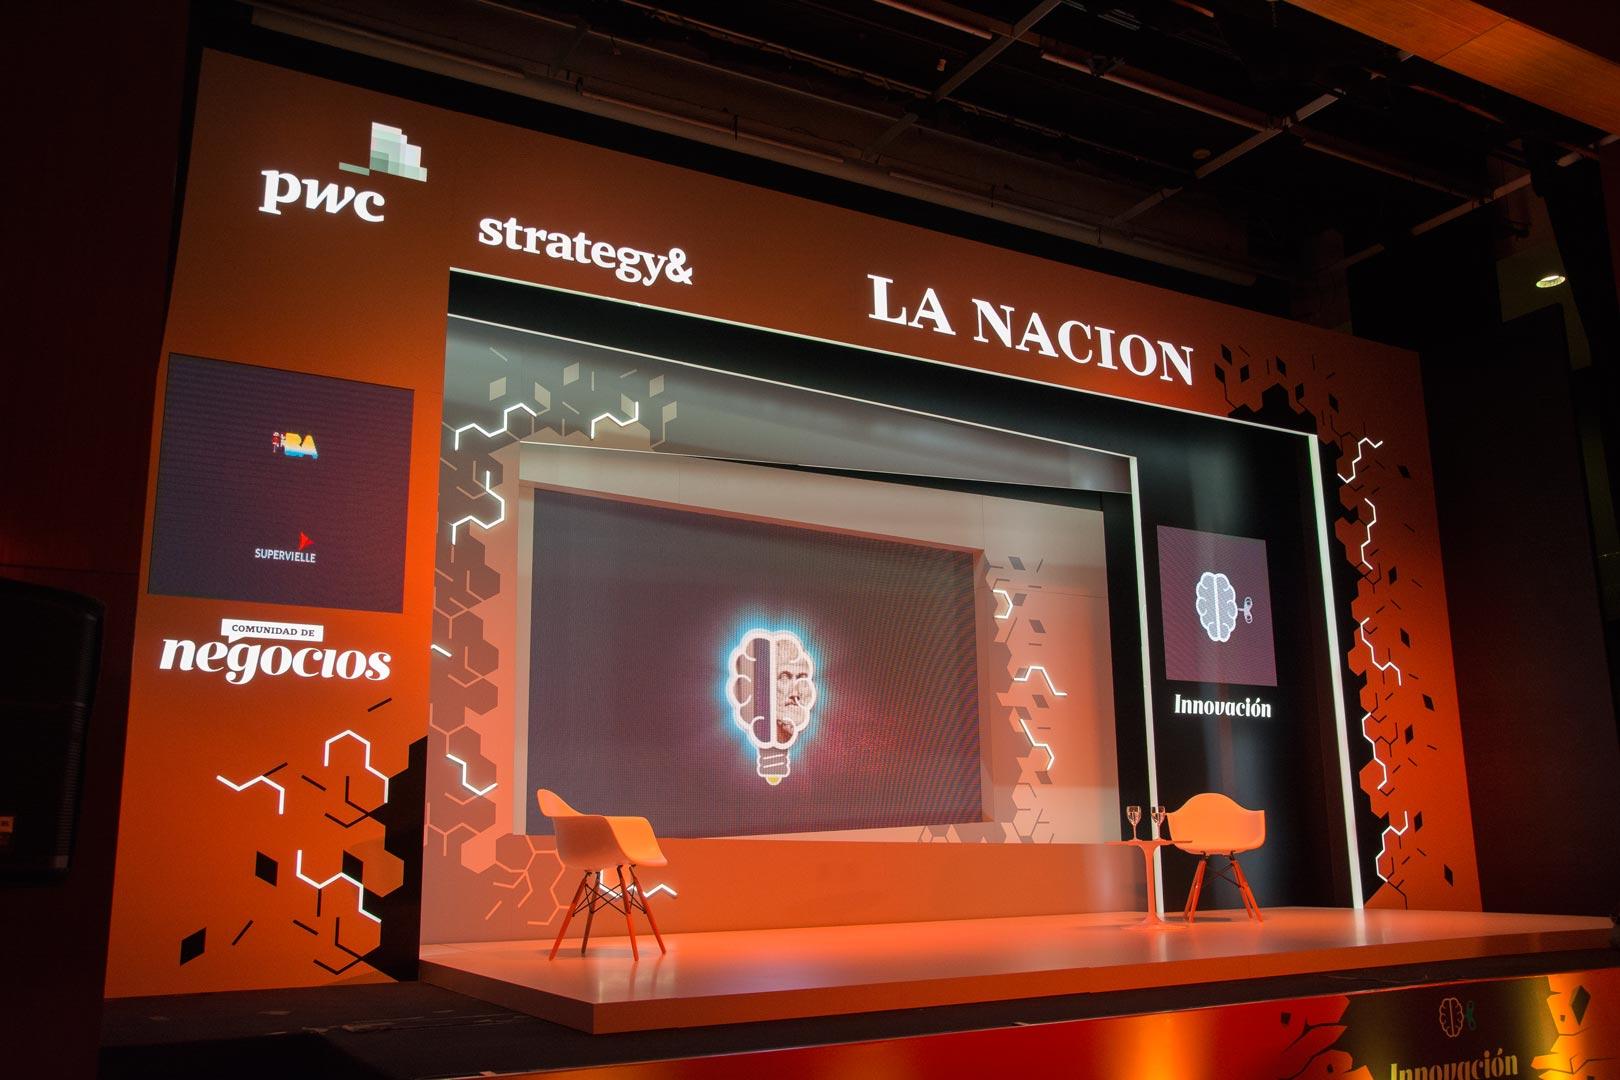 Evento La Nacion innovación 2016